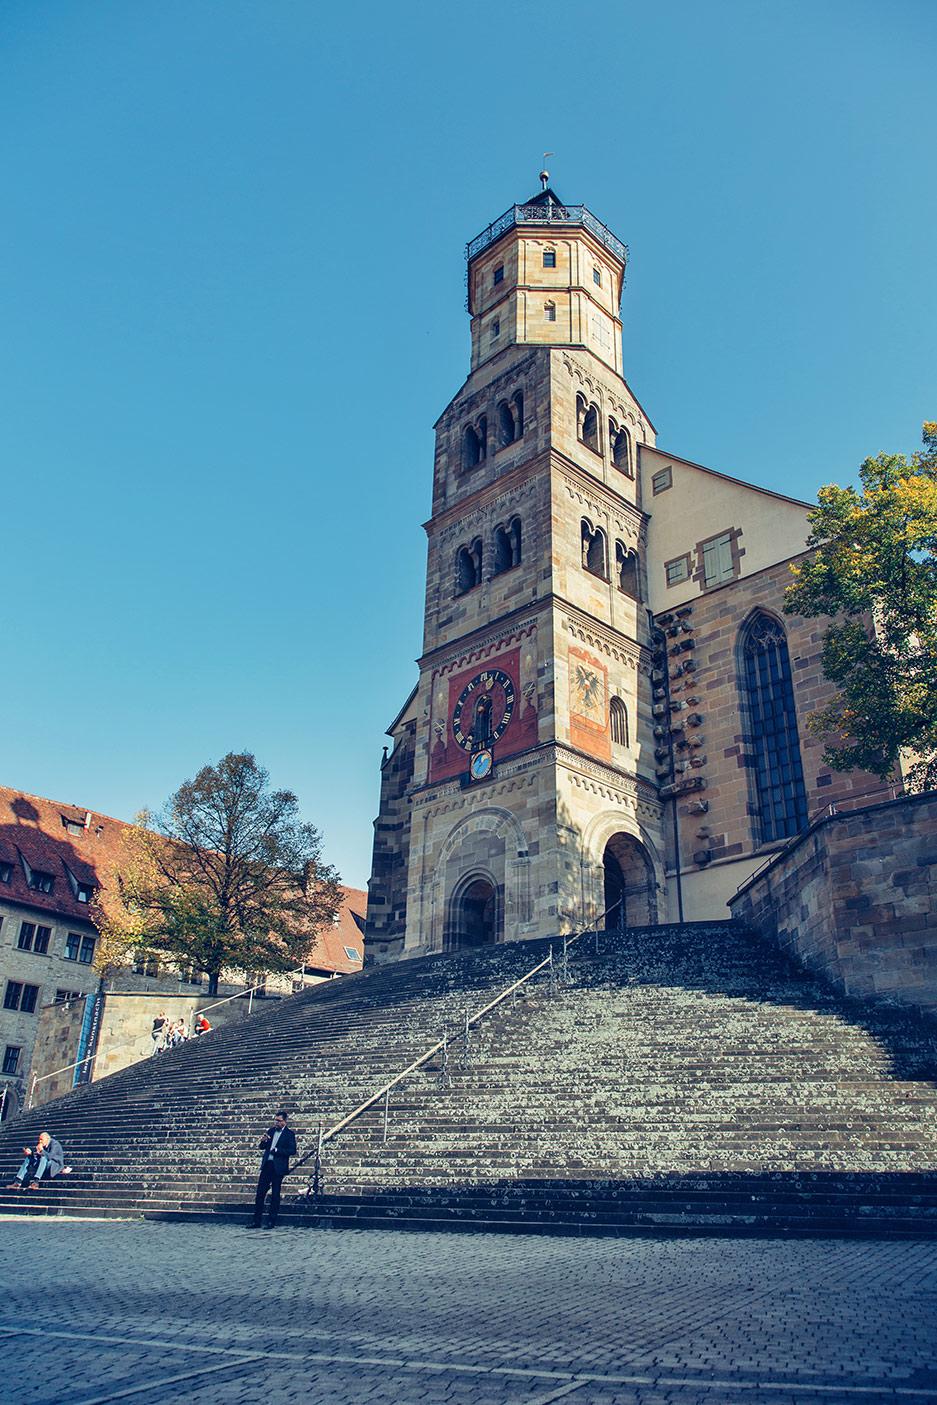 Fotografie - Erstellt von publikWERk in Schwäbisch Hall